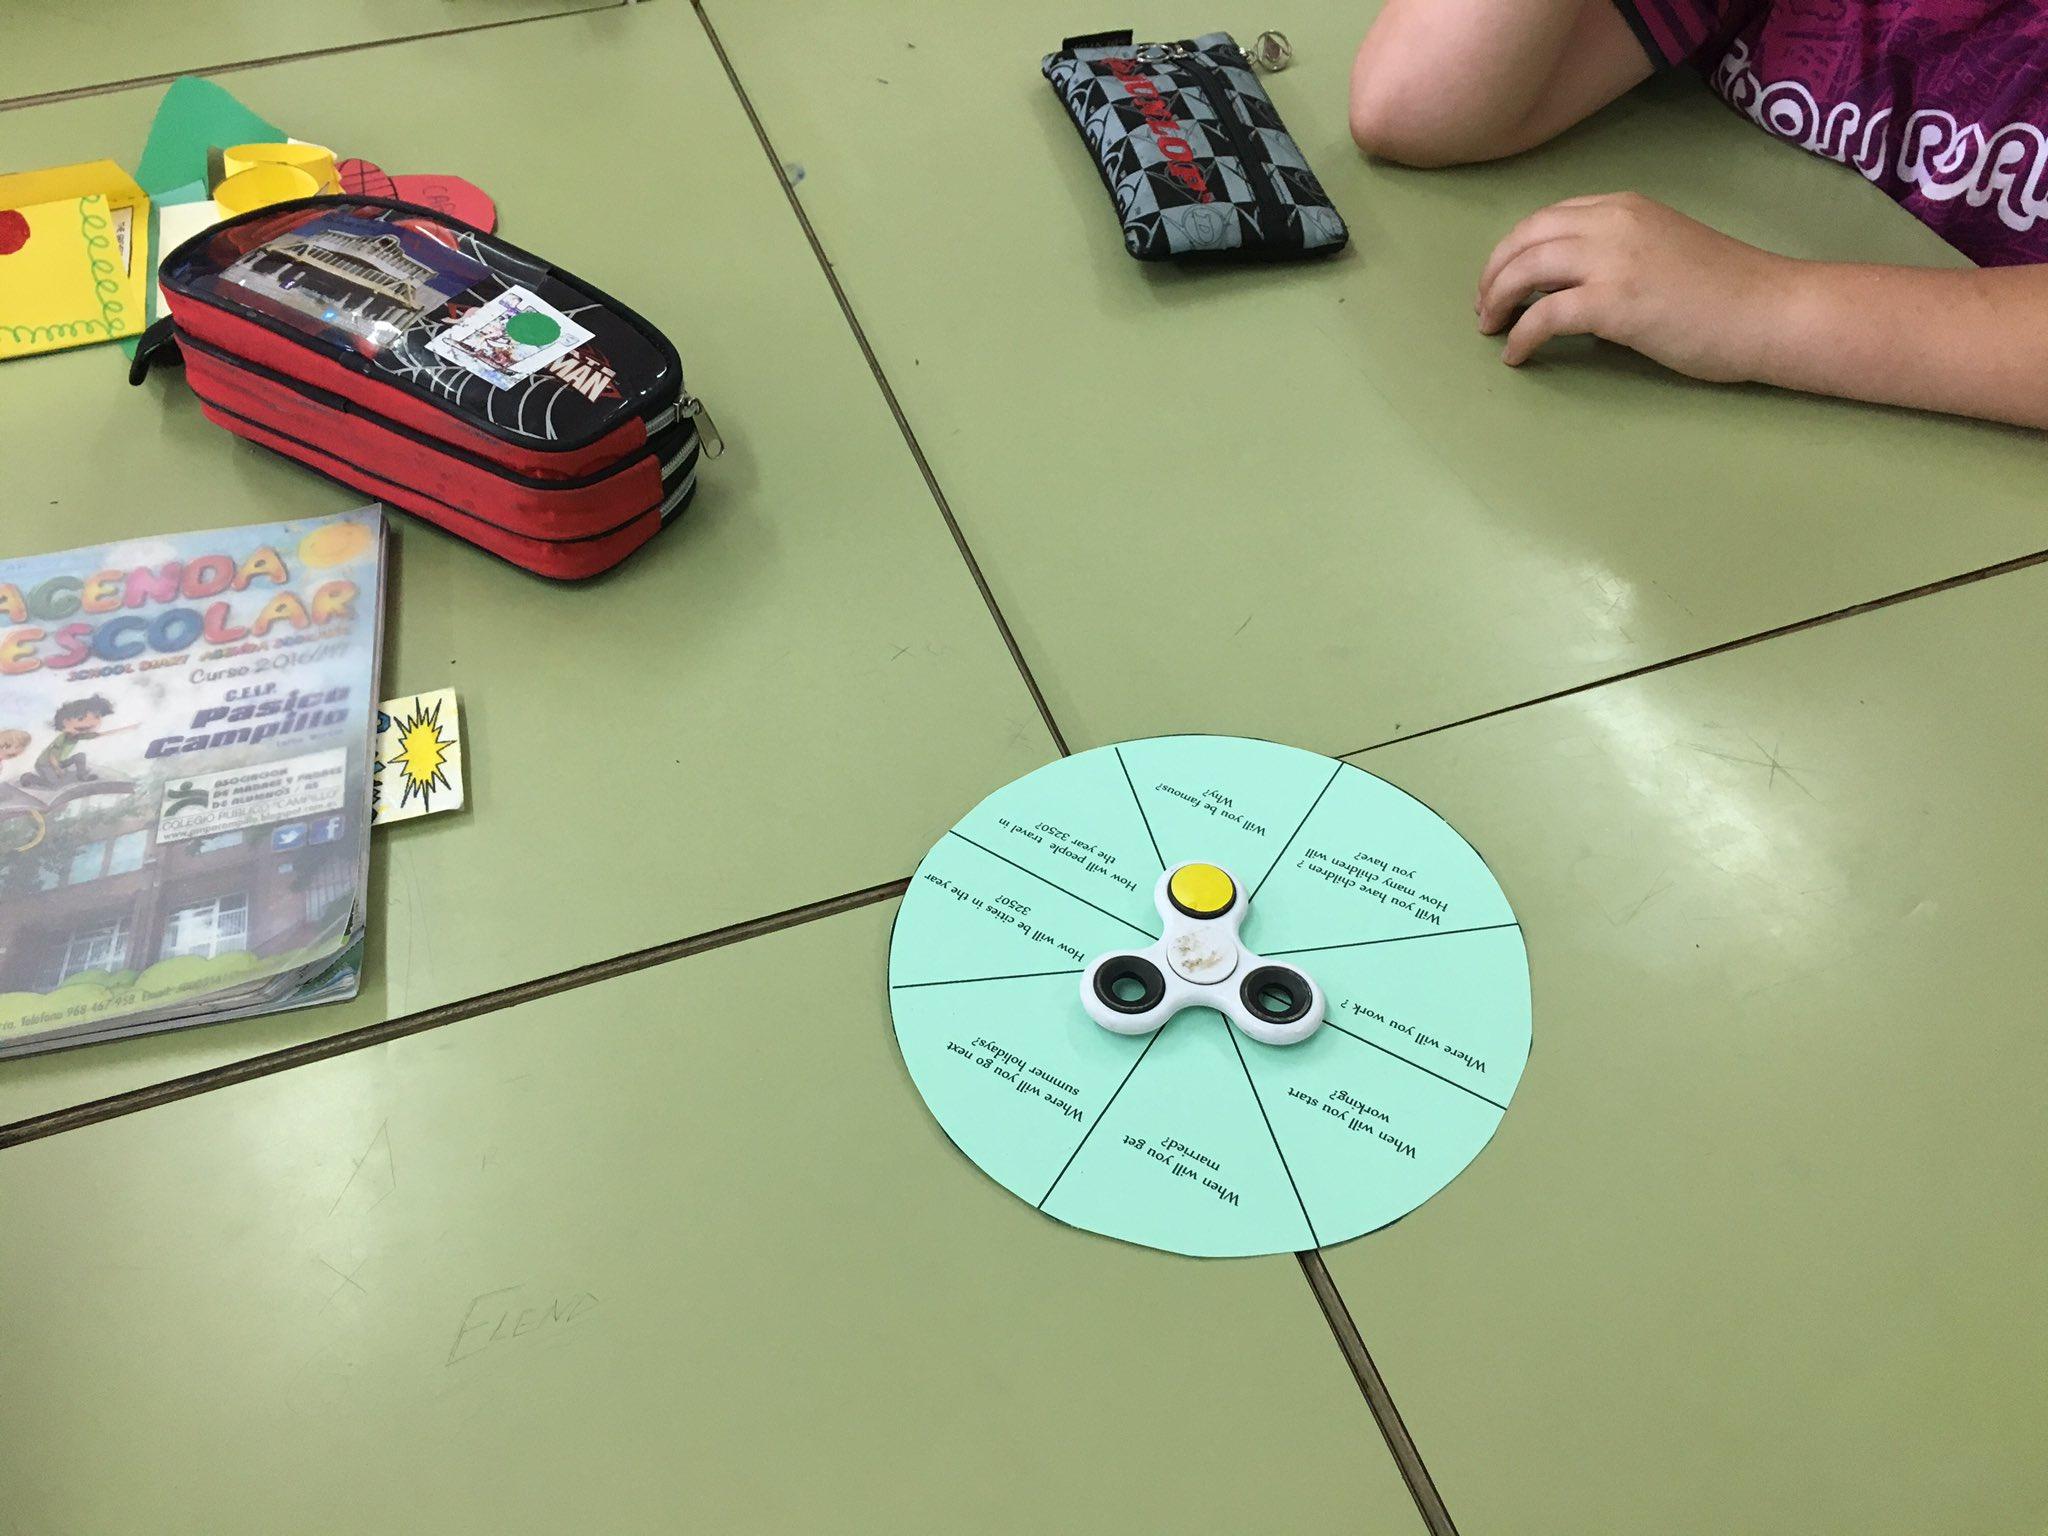 Predecimos nuestro futuro con spinners. https://t.co/GZbw400pTL